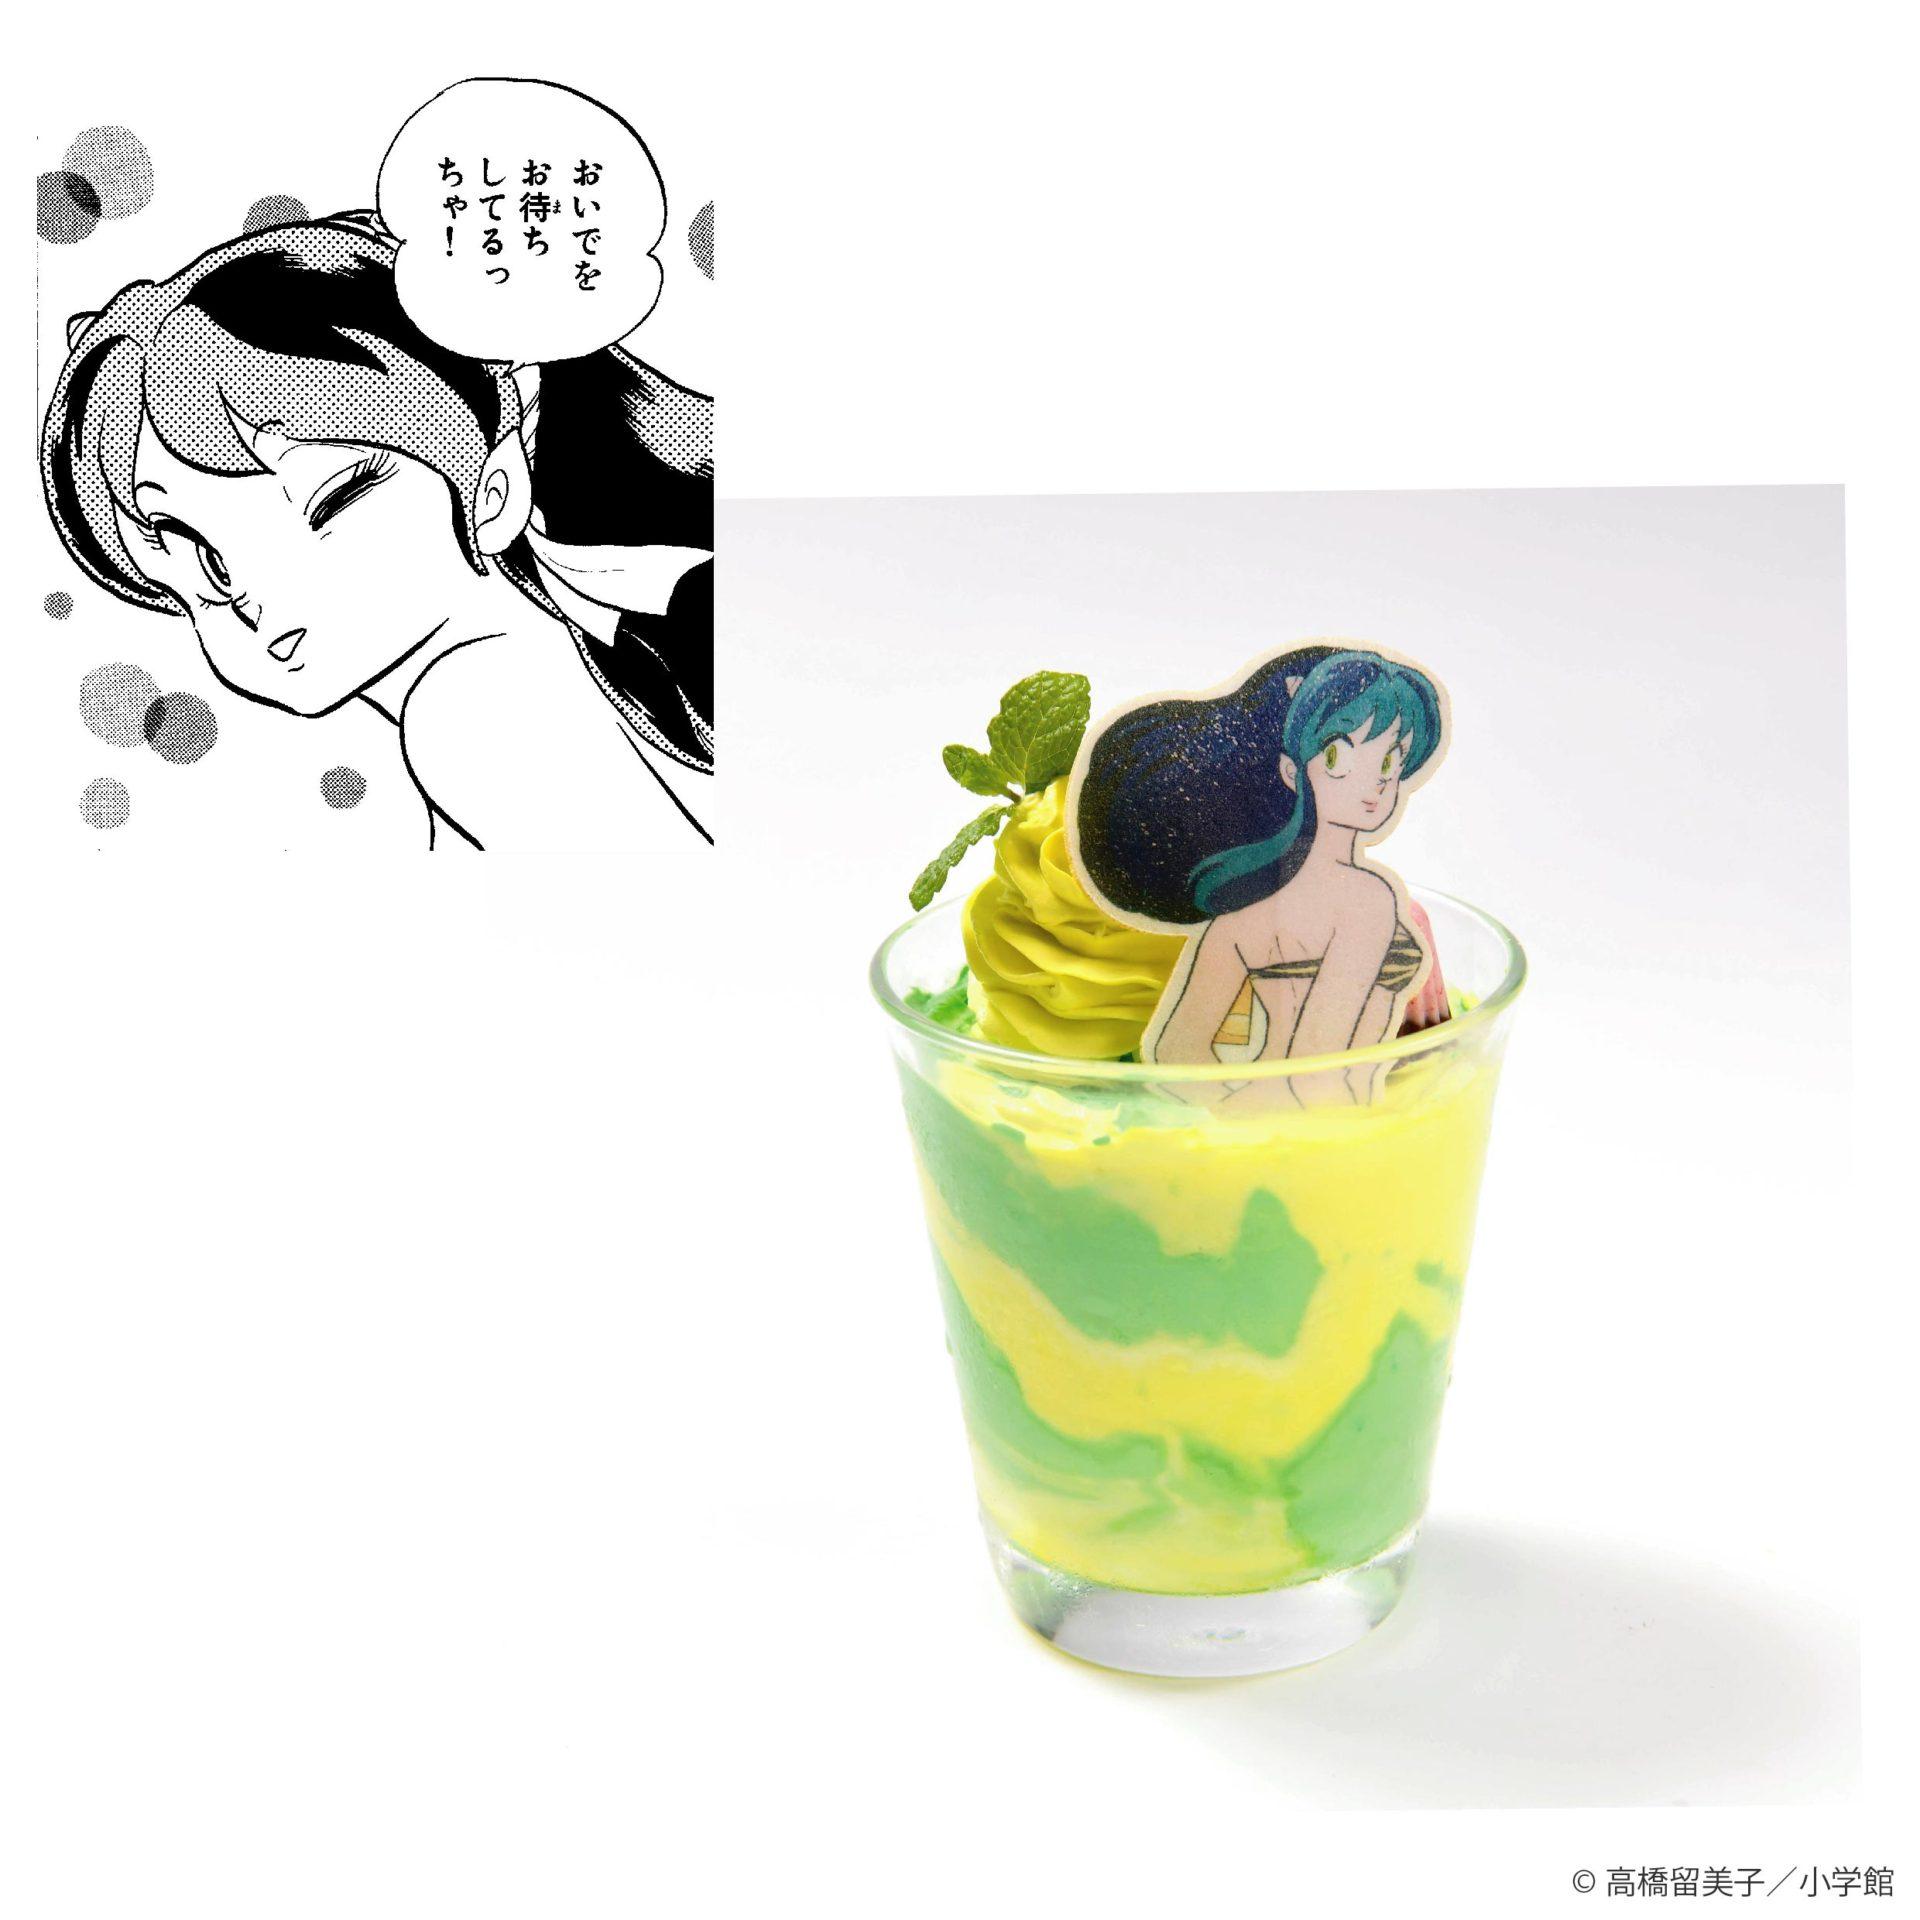 9. ラムちゃんのビリビリスムージー ¥790